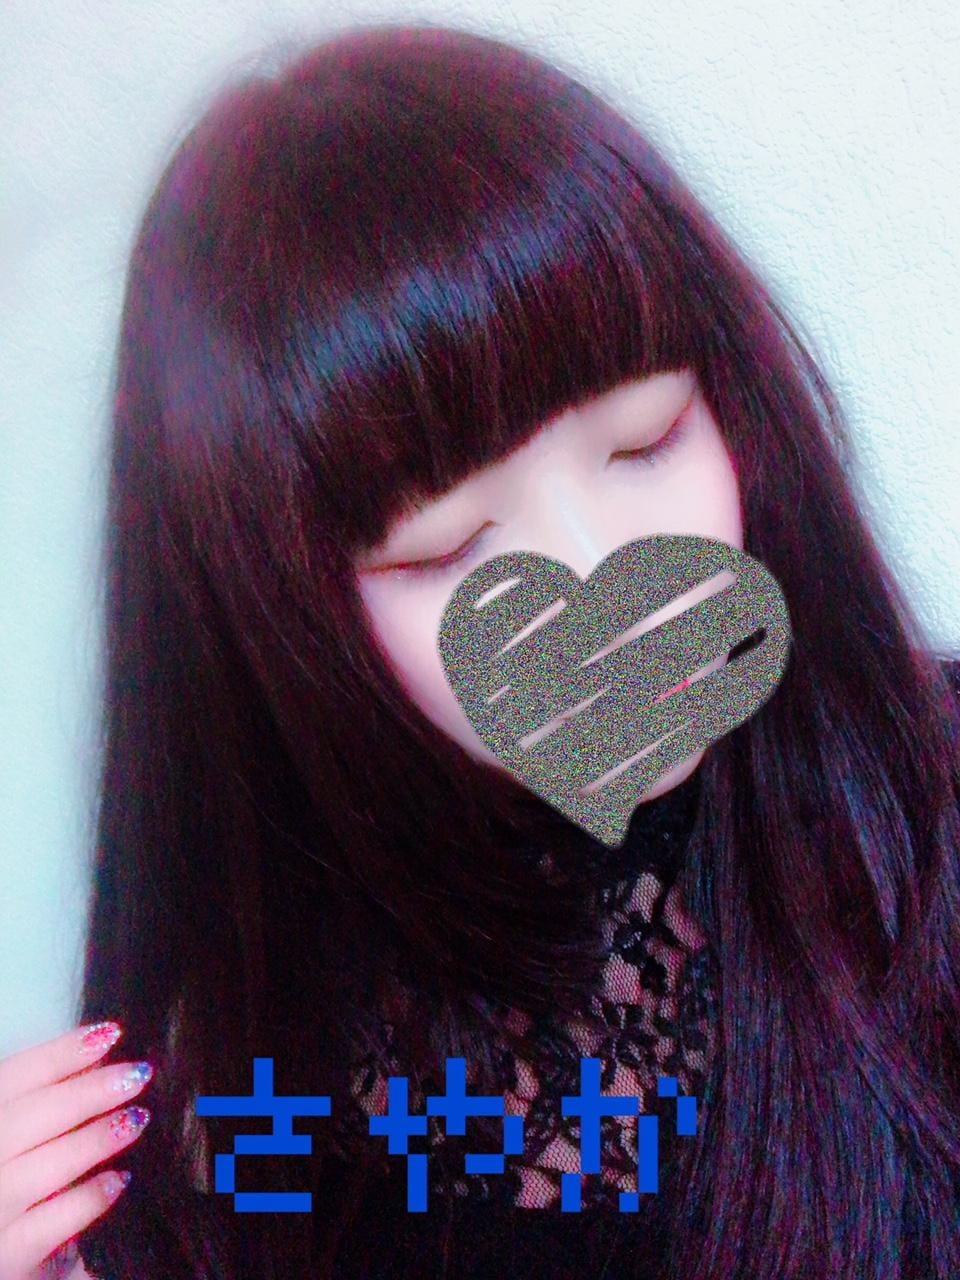 「お休み、髪の毛新色」10/13(10/13) 20:46 | さやかの写メ・風俗動画